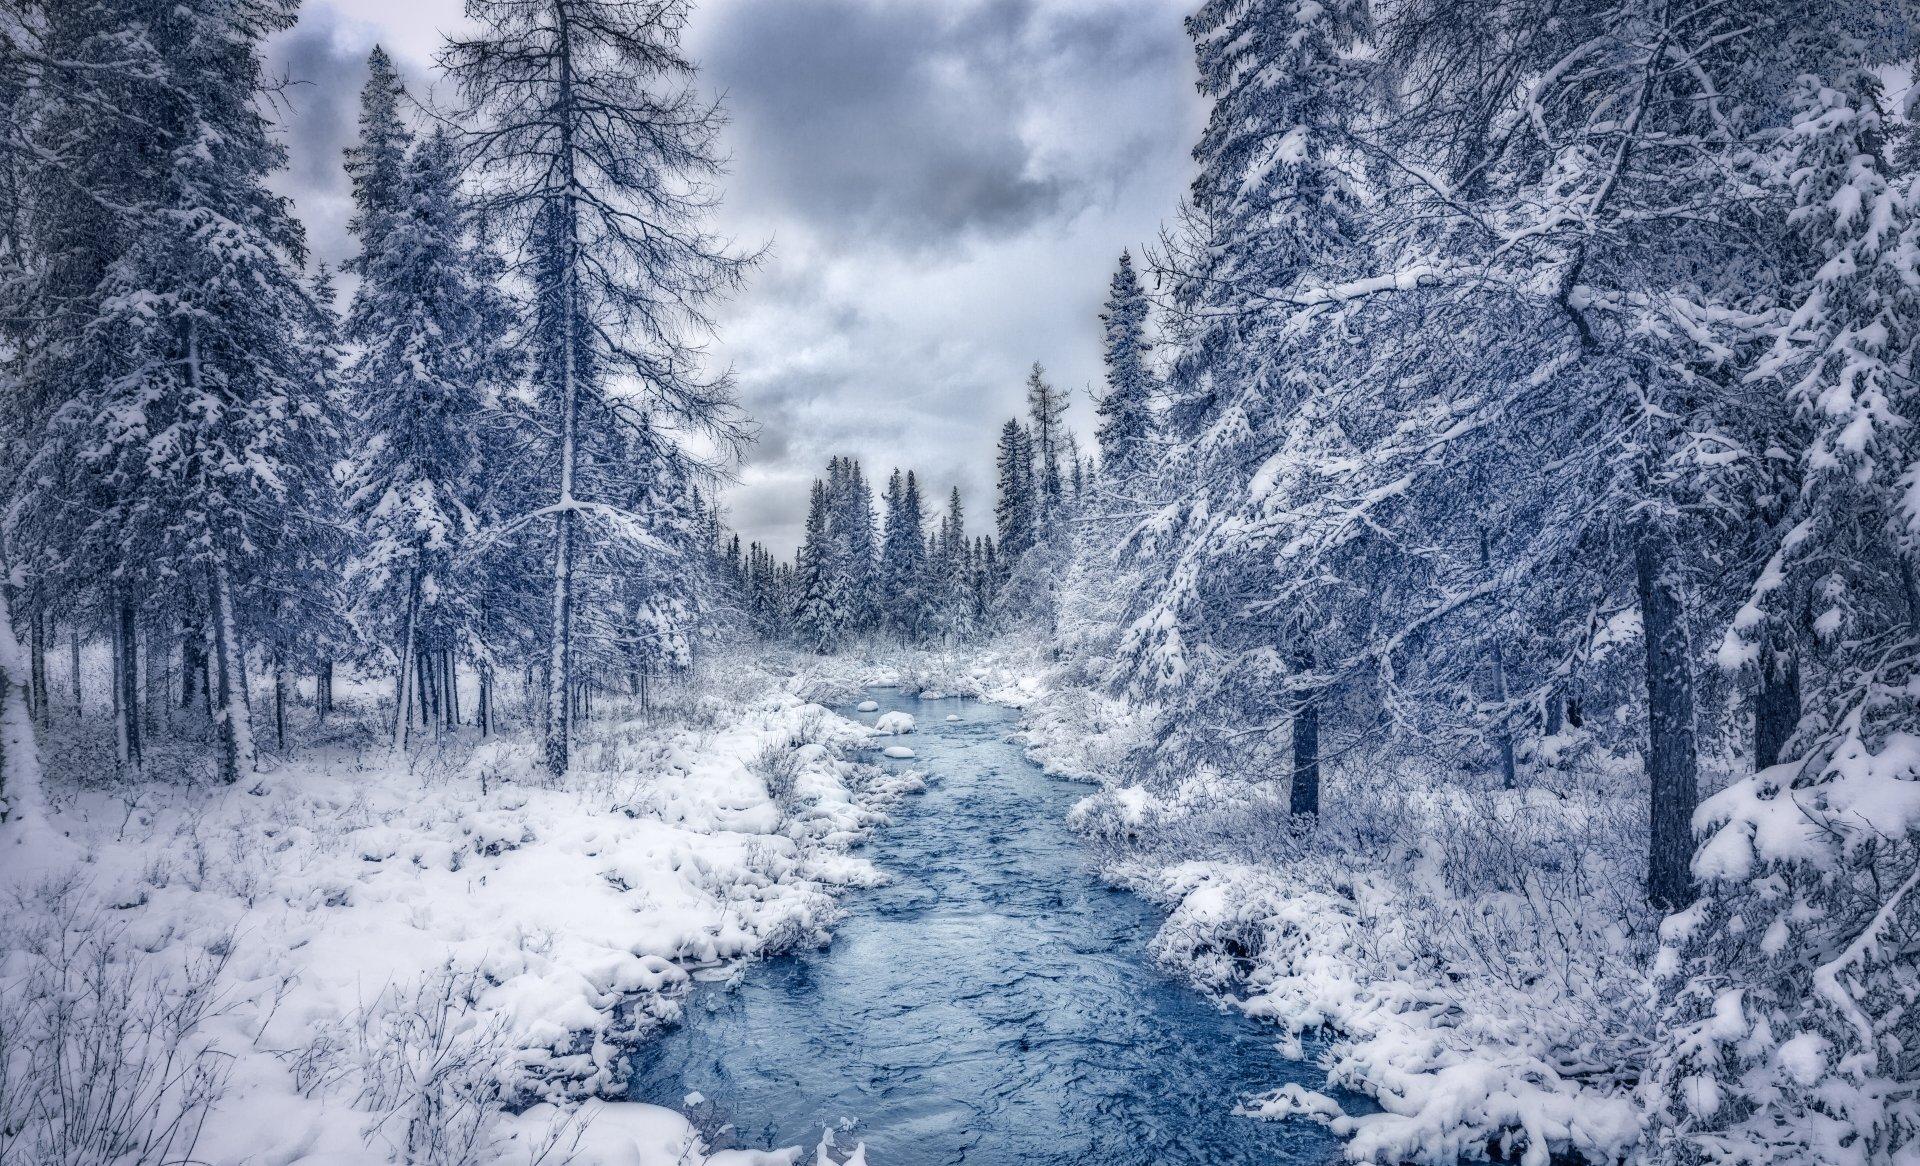 Fondos de invierno con paisajes nevados wallpapers for Desktop gratis inverno